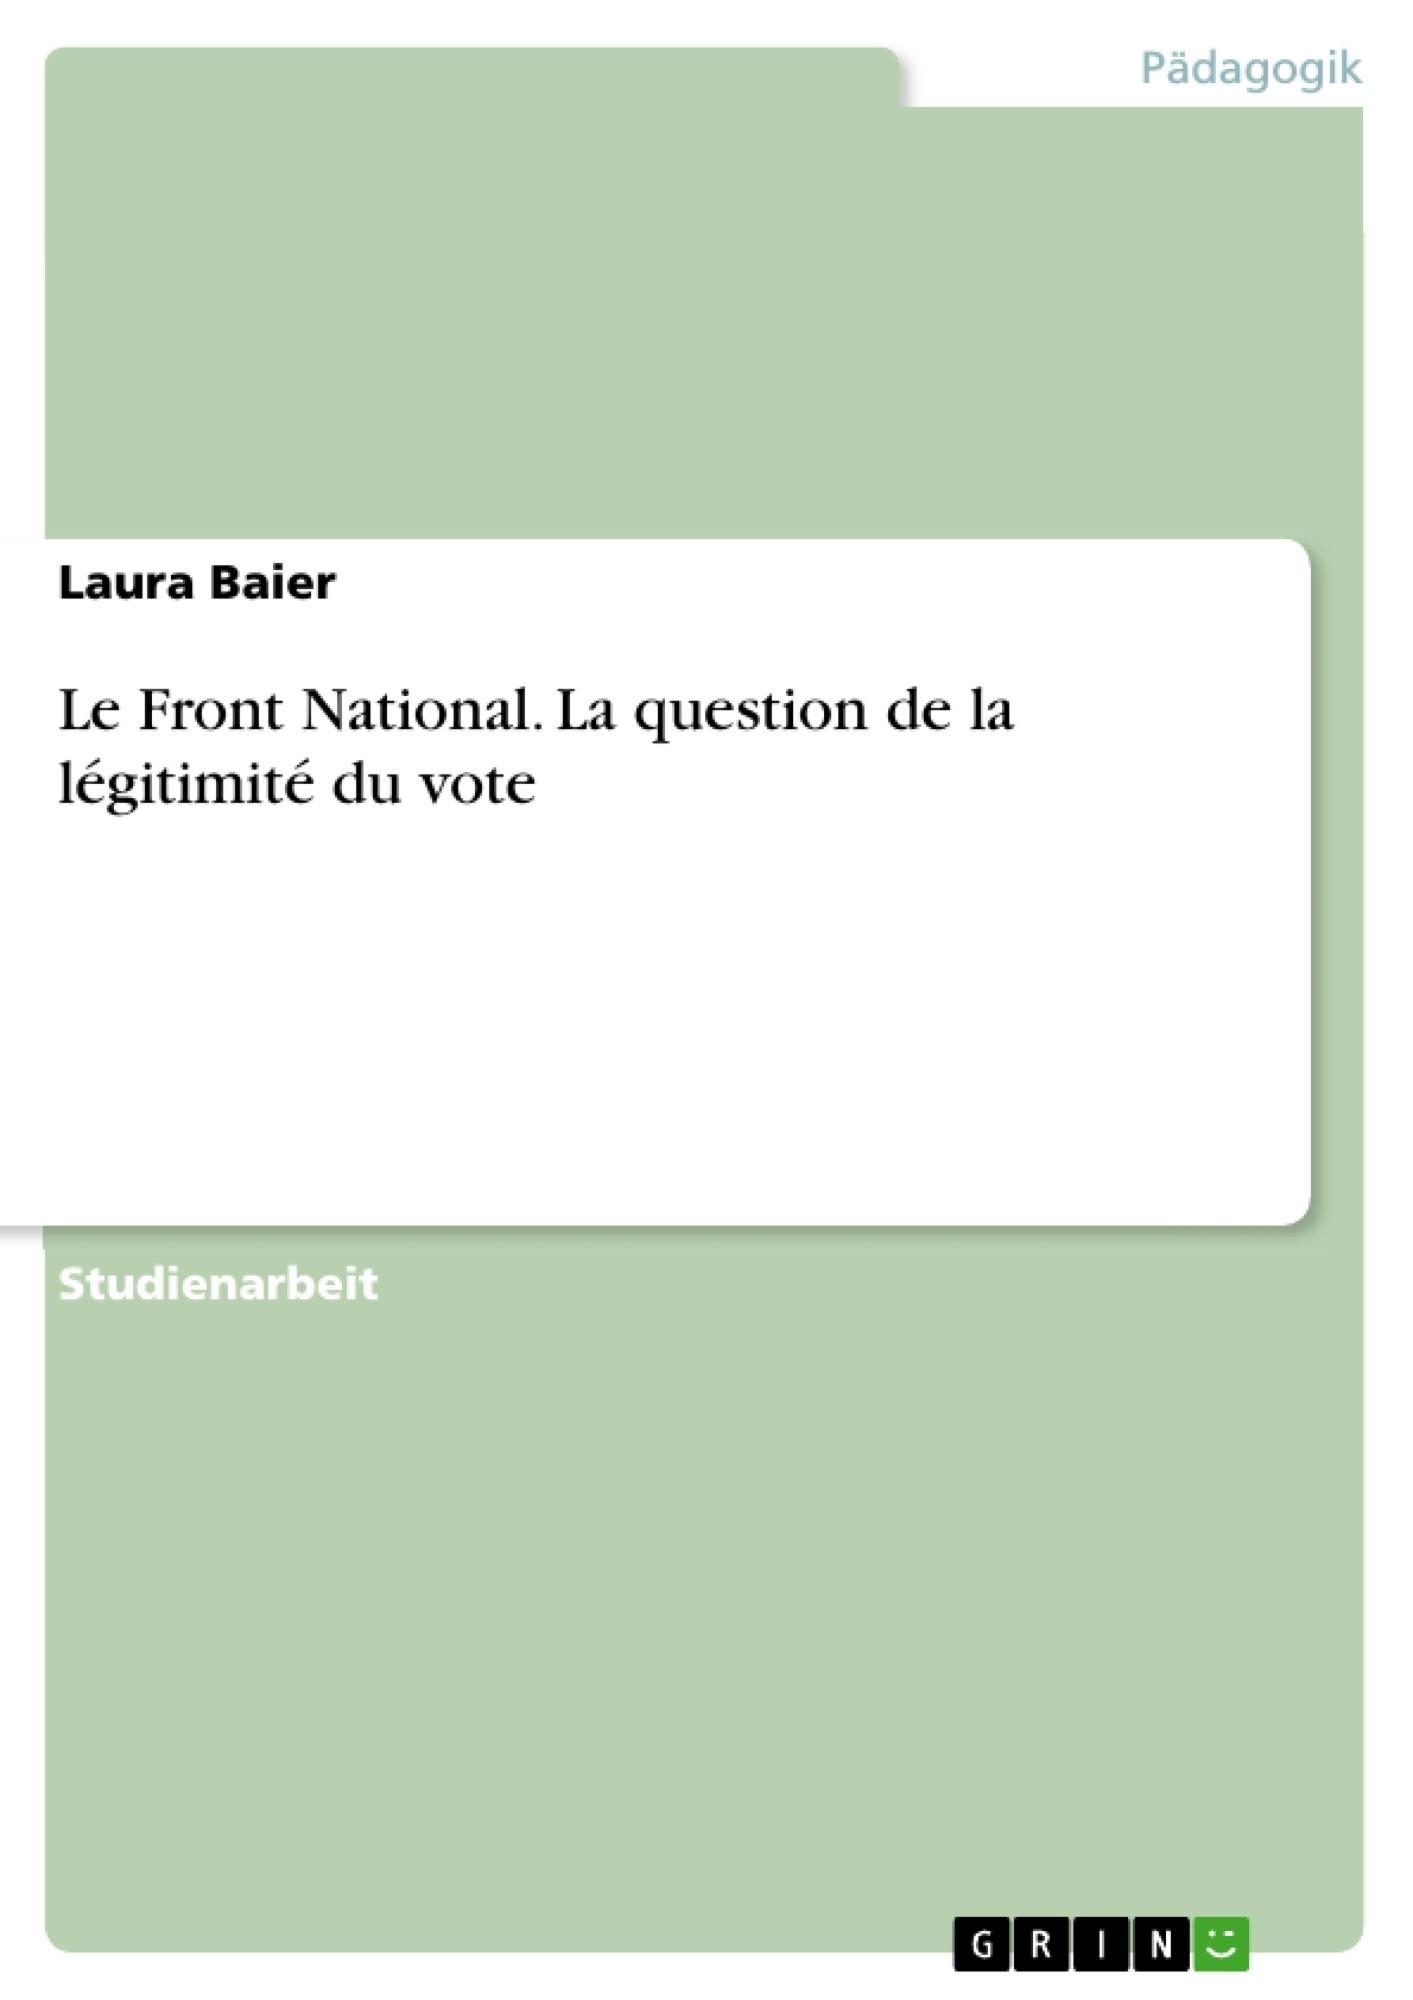 Titel: Le Front National. La question de la légitimité du vote